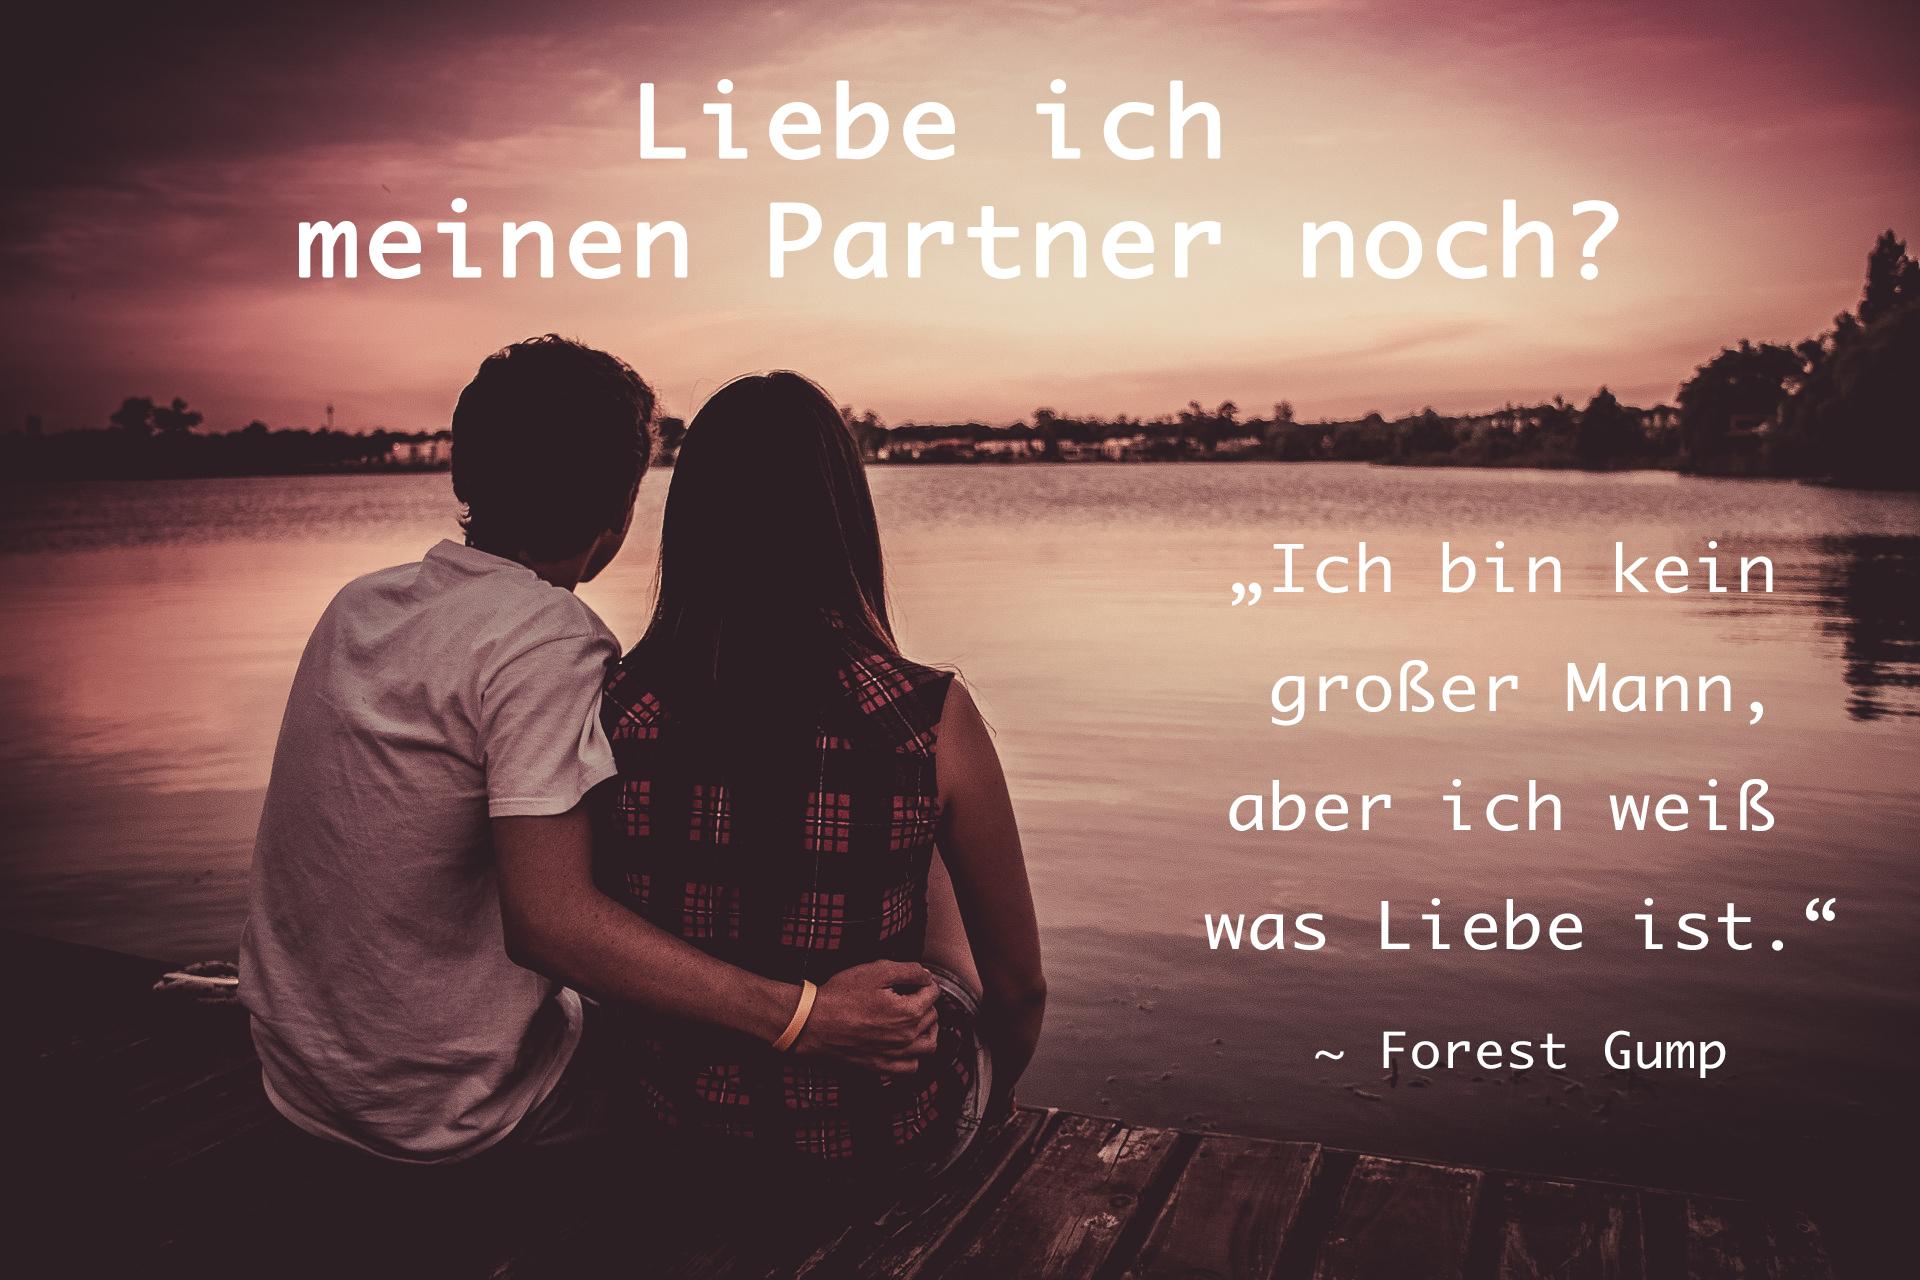 Paar sitzt und schaut den Sonnenuntergang an als Symbolik für die Frage: Liebe ich meinen Partner noch?